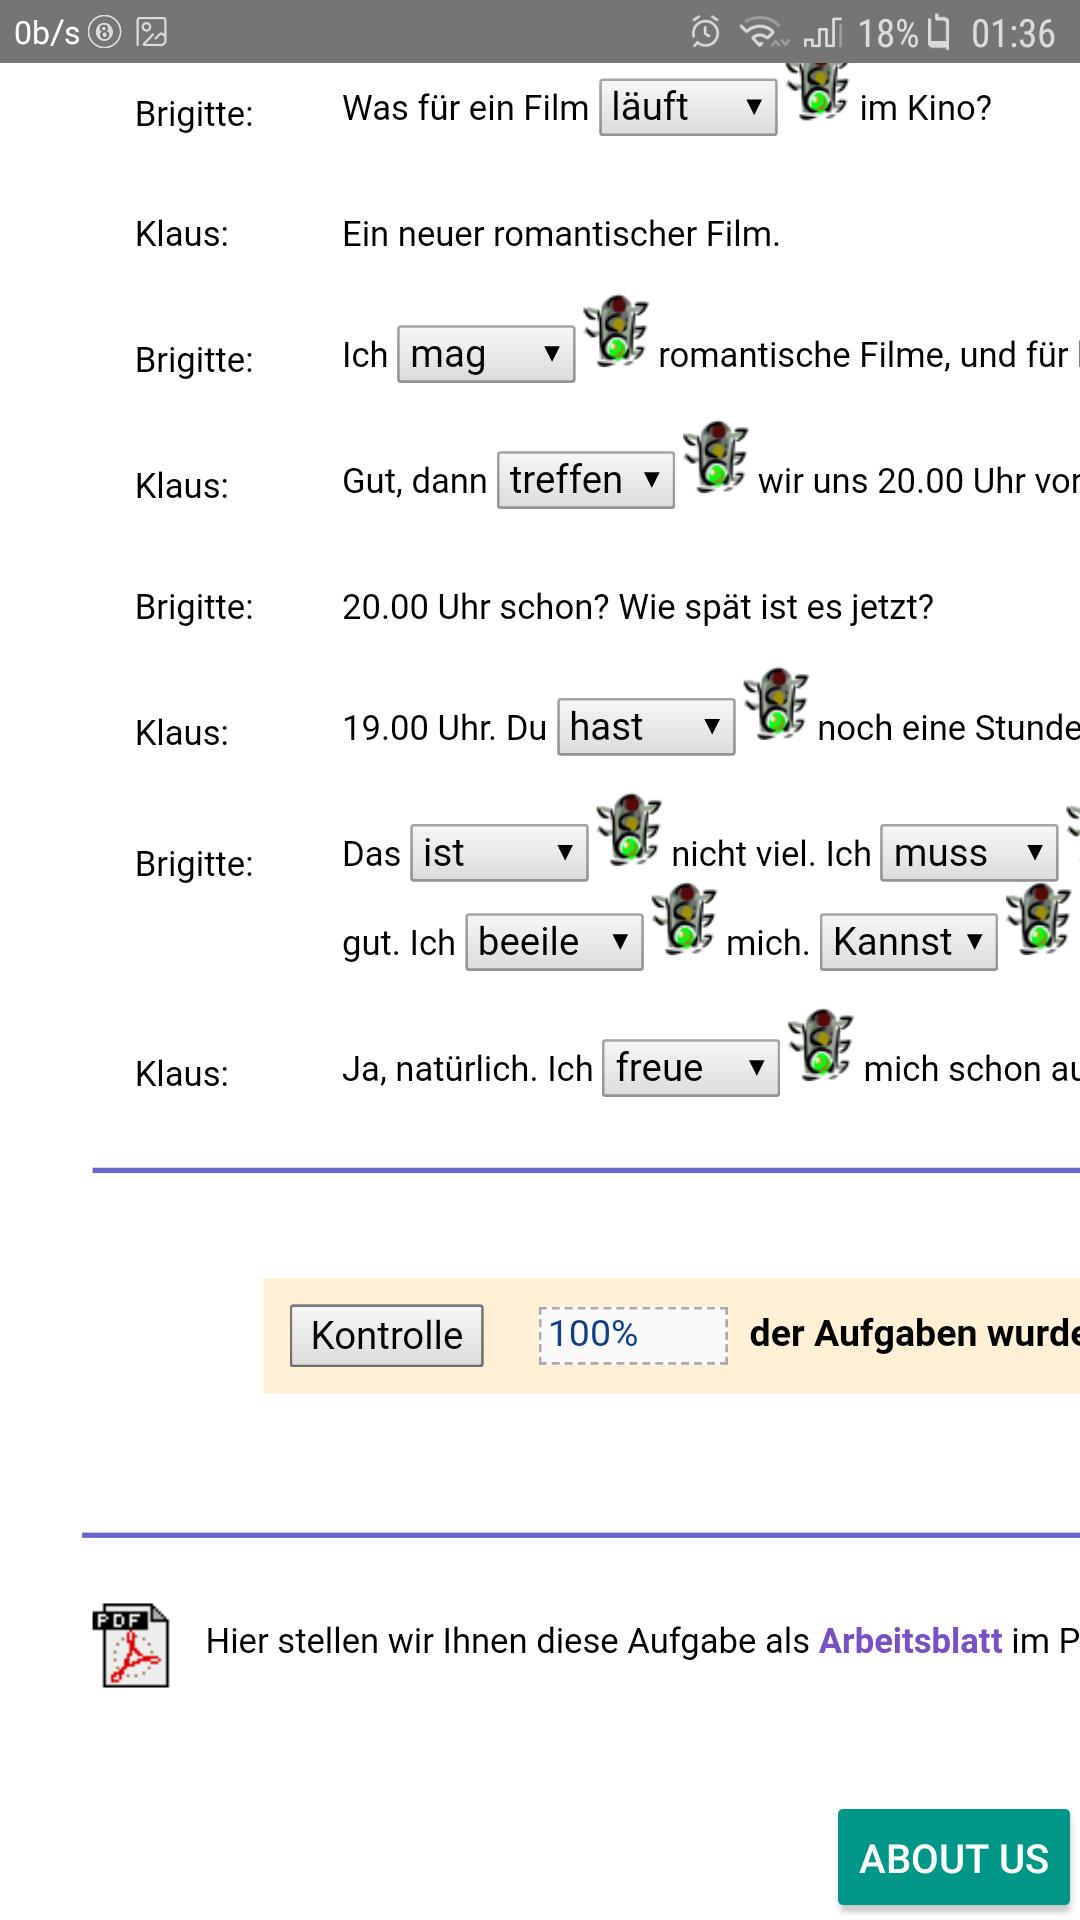 Schön Wie Spät Ist Es Arbeitsblatt Fotos - Super Lehrer ...